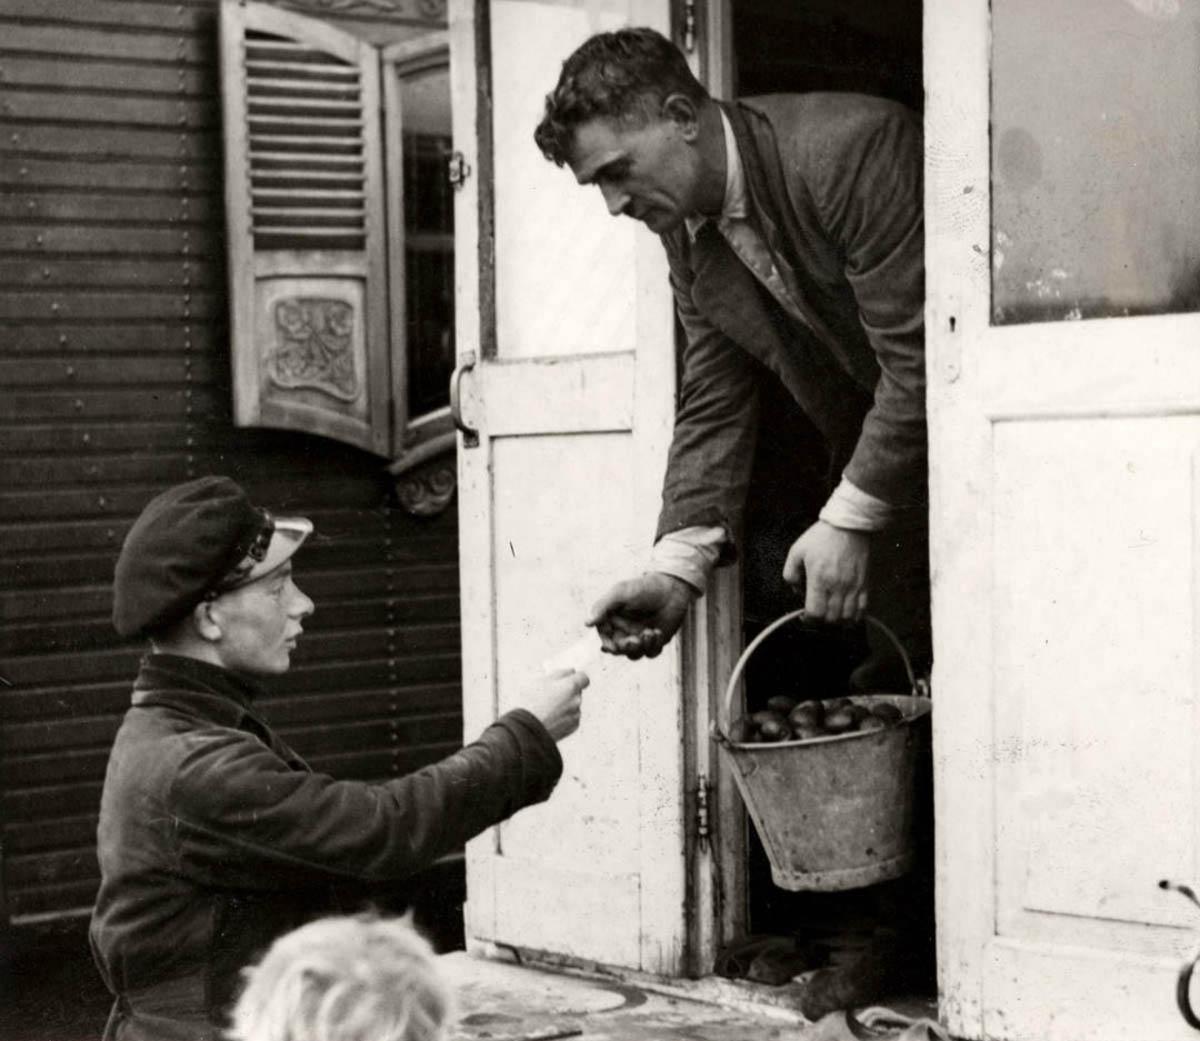 A vida dos ciganos na Europa antes da Segunda Guerra Mundial 40